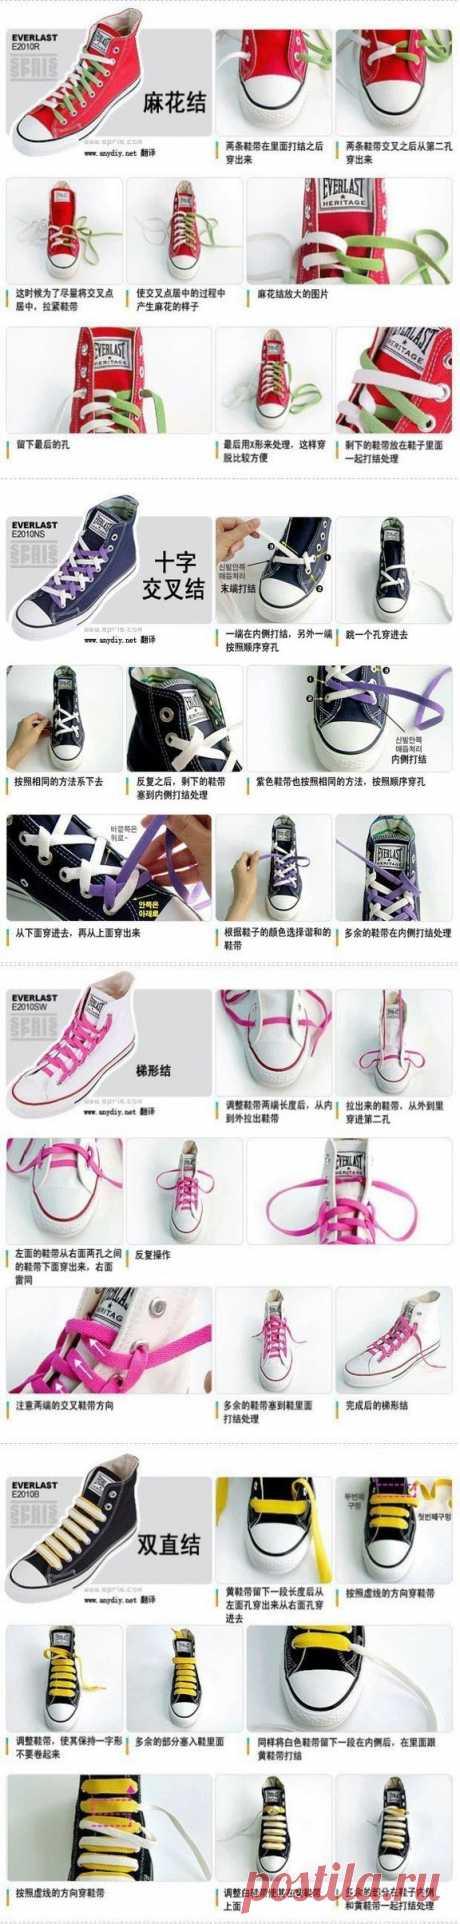 Как красиво зашнуровать кроссовки или кеды :)